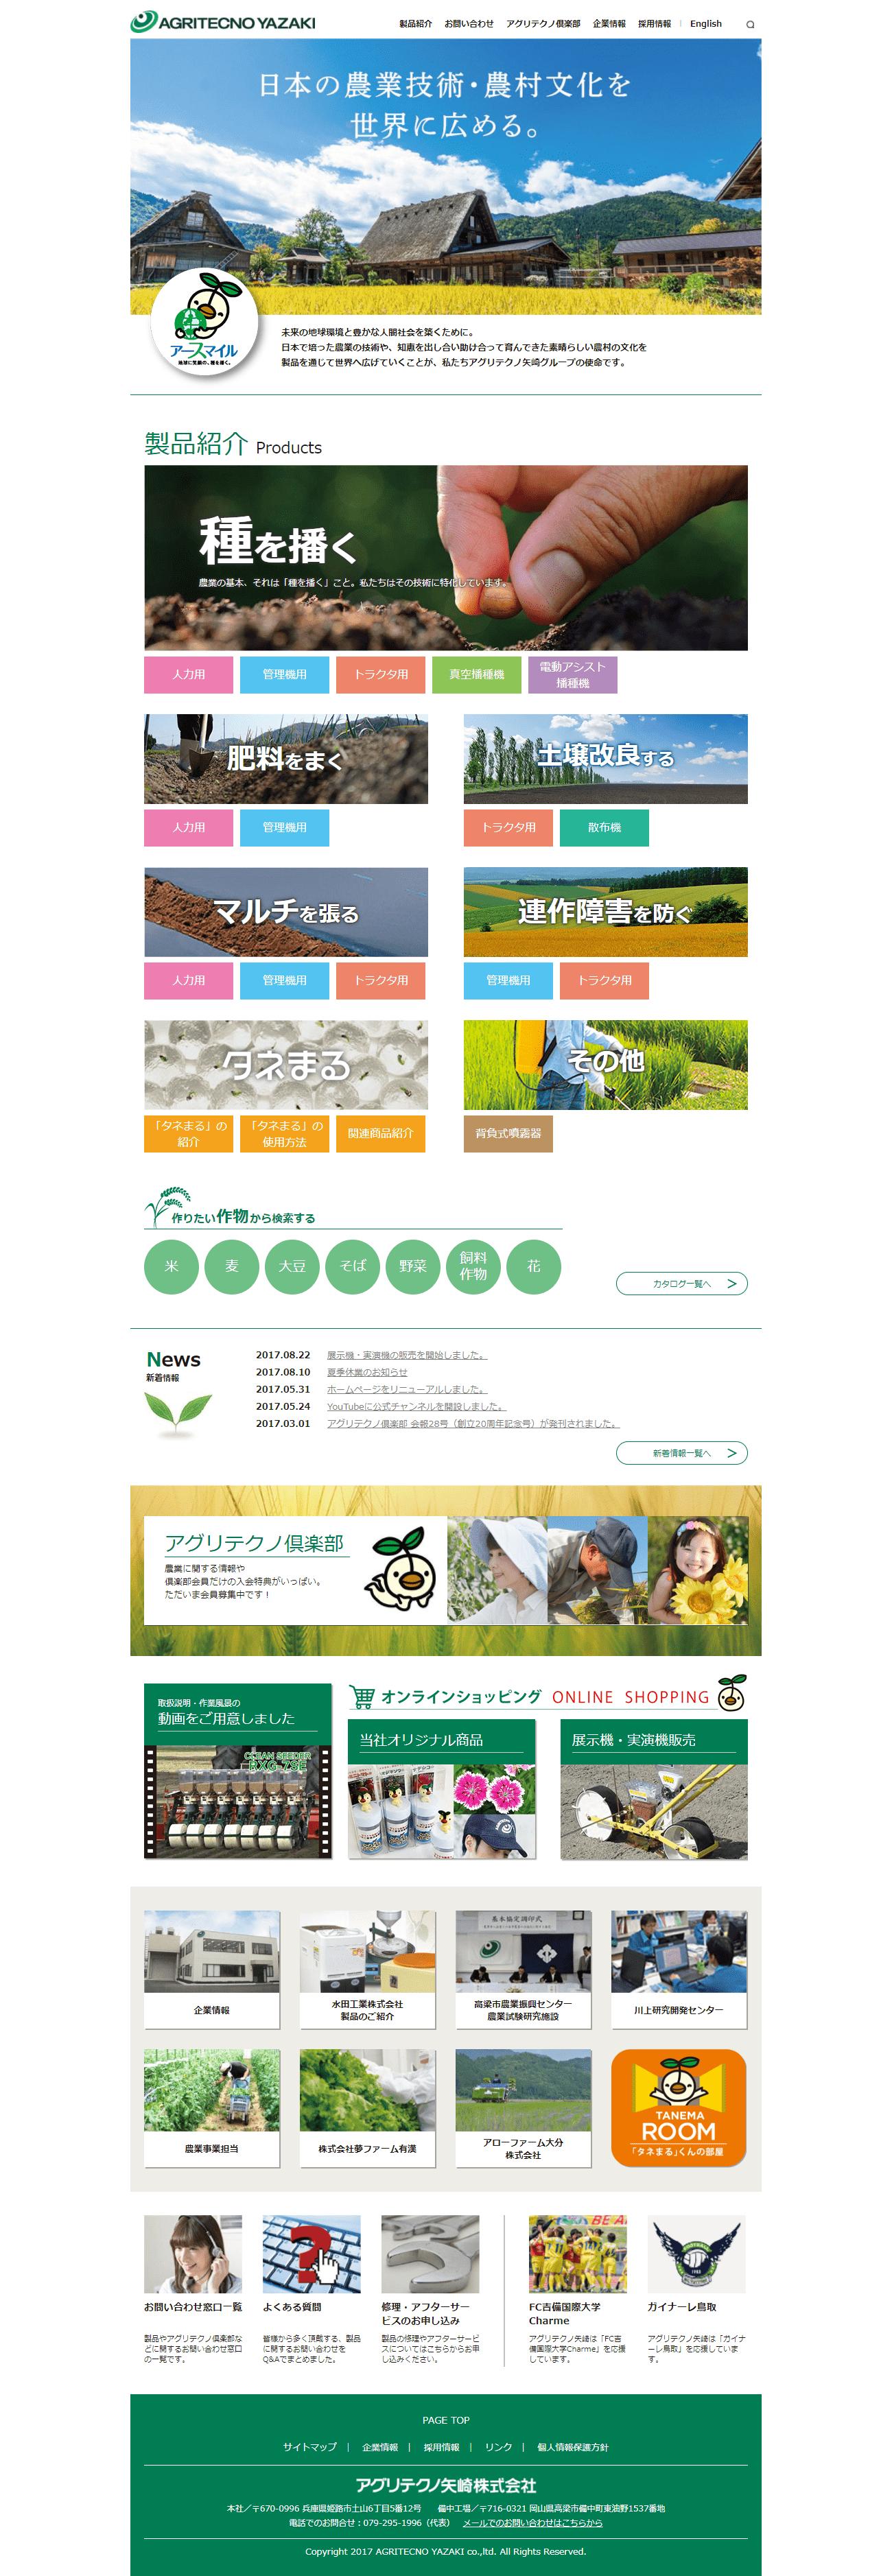 姫路市 アグリテクノ矢崎株式会社様 ホームページ制作1